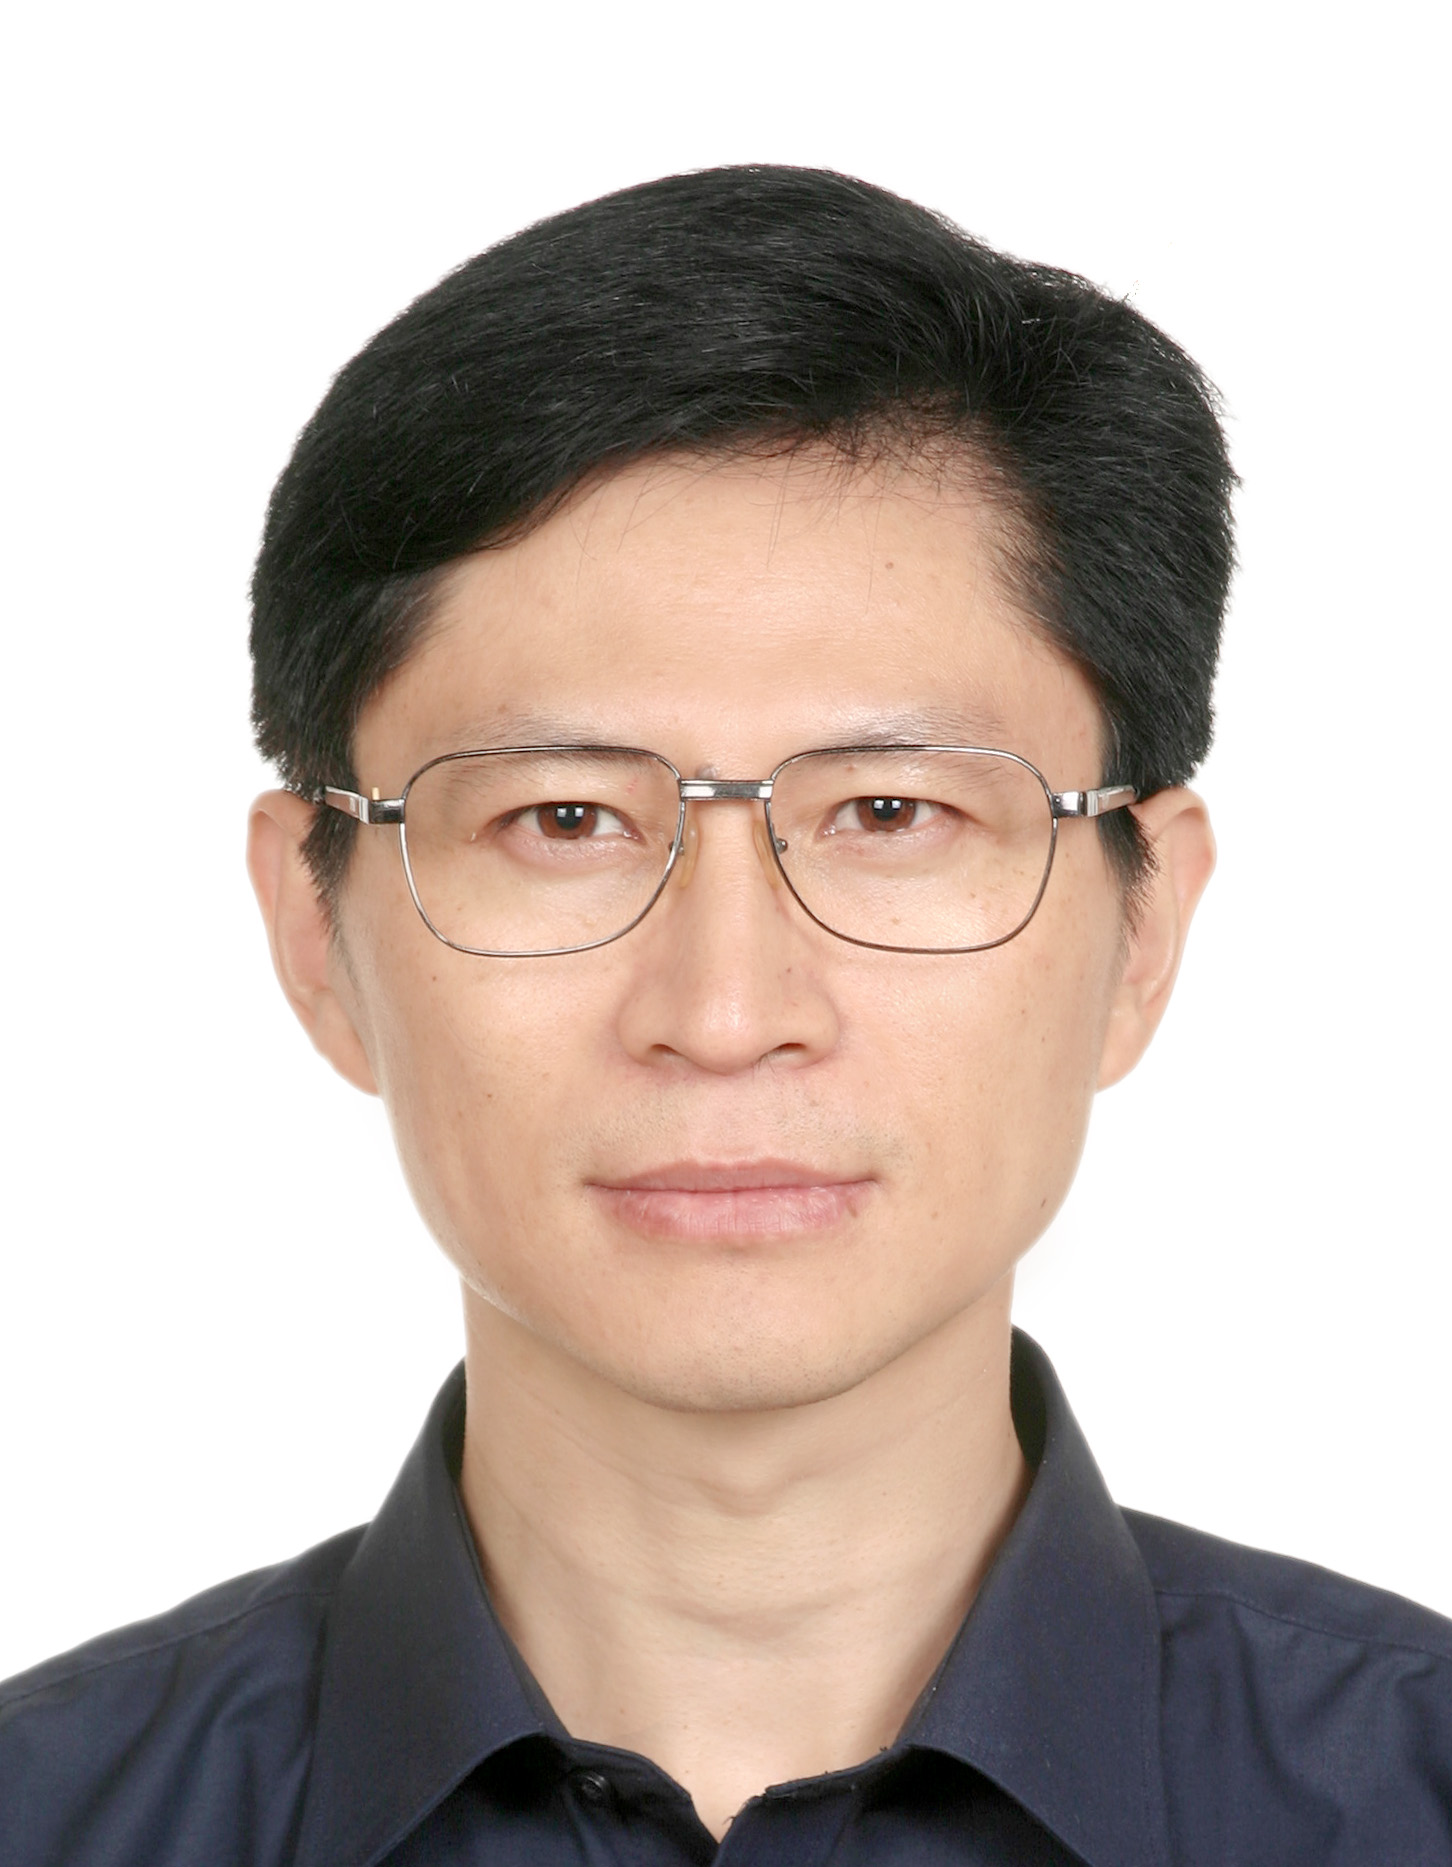 中科院天津工业生物技术研究所副所长孙际宾照片